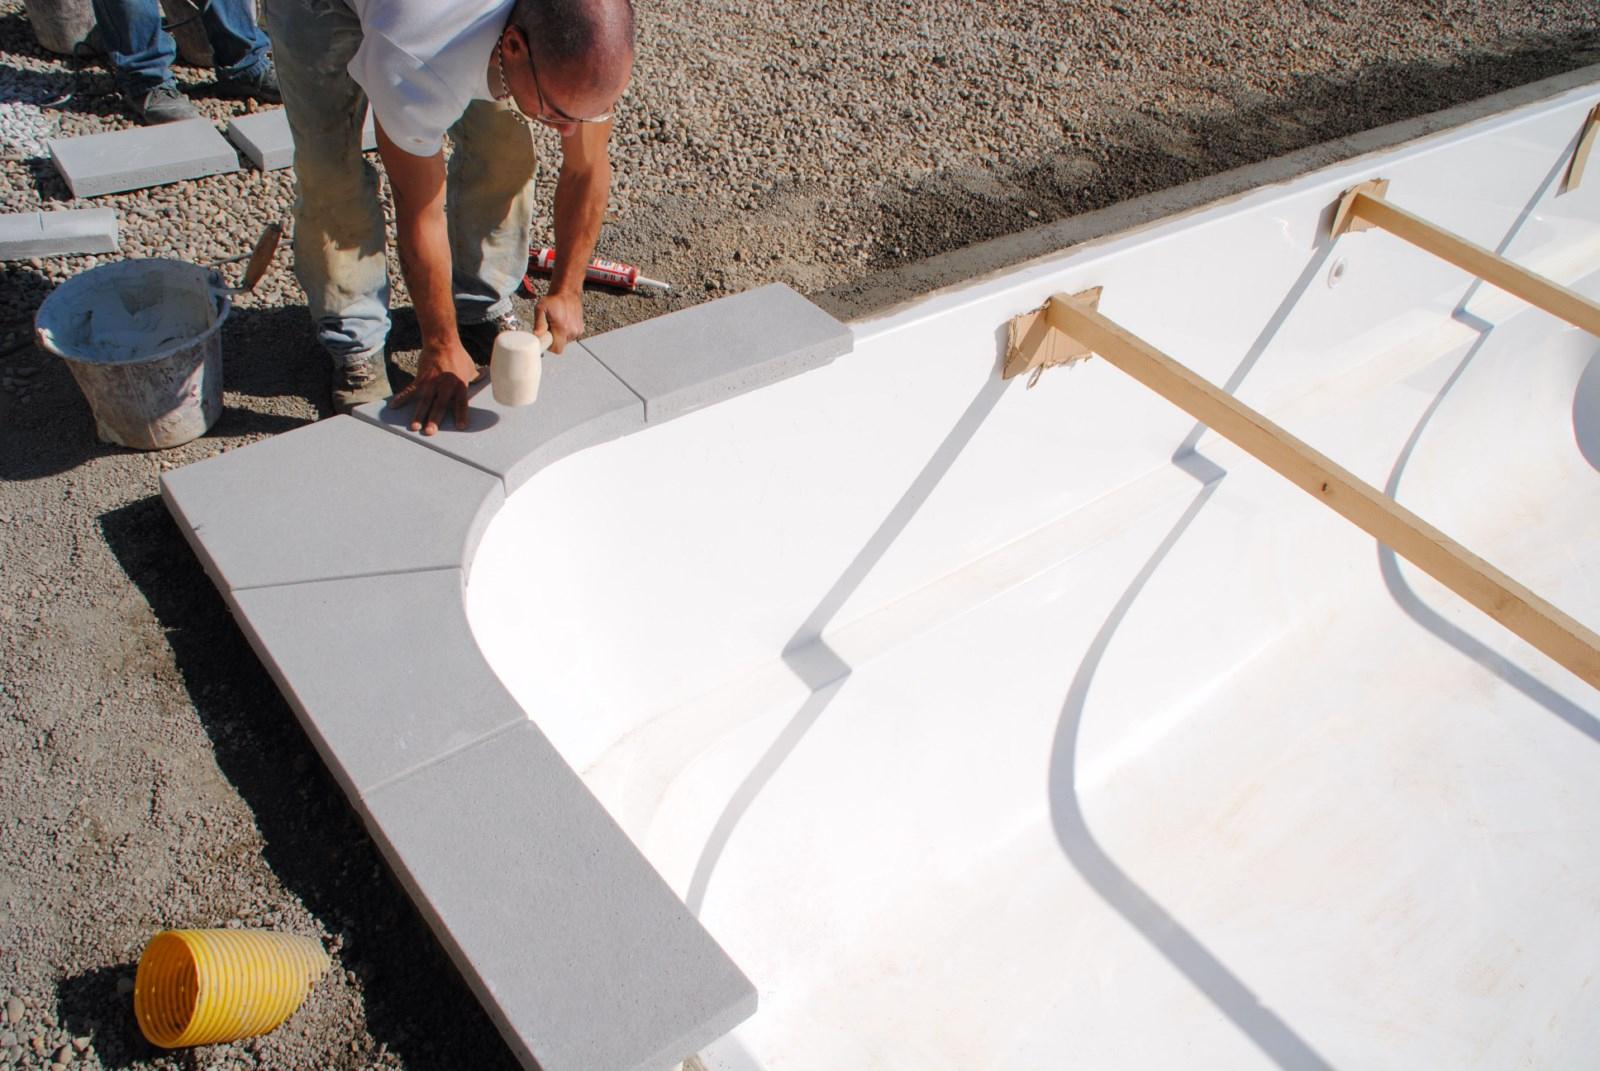 Fabrication De Coque Piscine Pas Chère Béziers 34500 ... à Ceinture Piscine